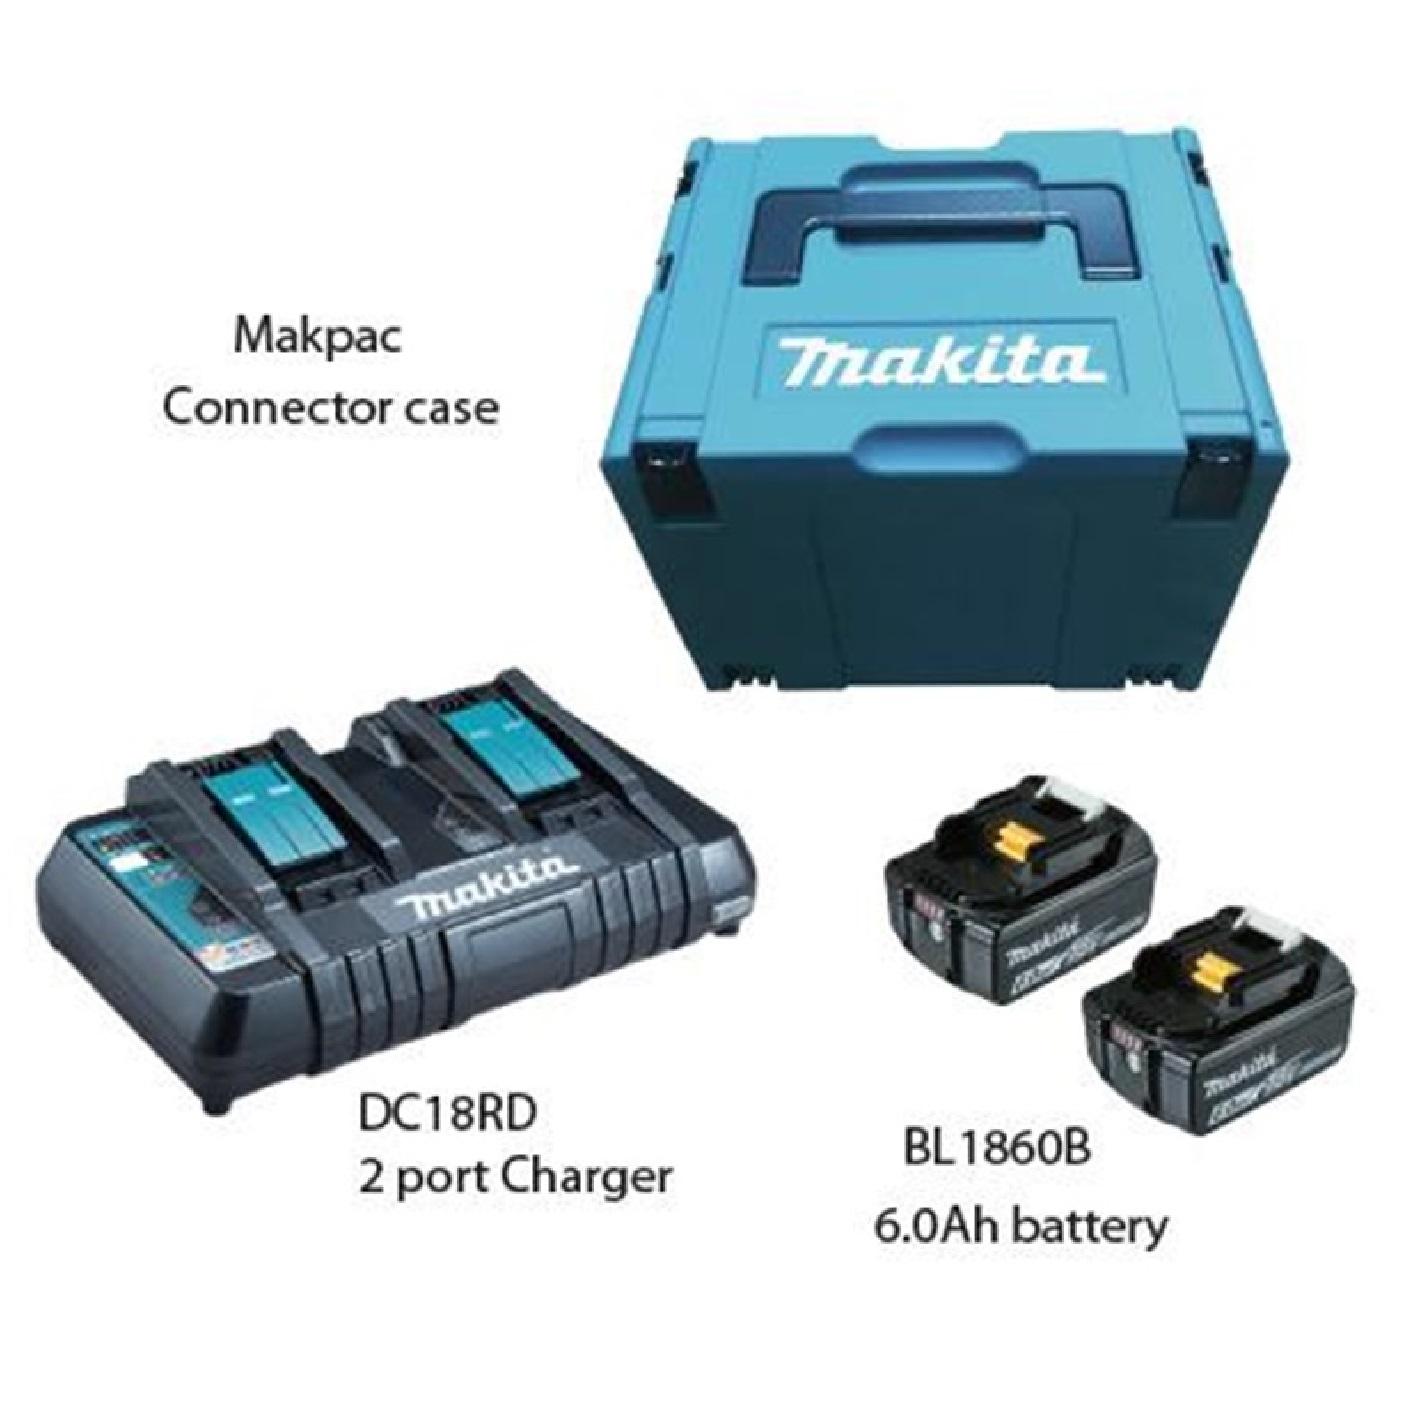 Makita MKP3PG182 2 X 18V 6.0AH LI-ION Power Source Kit